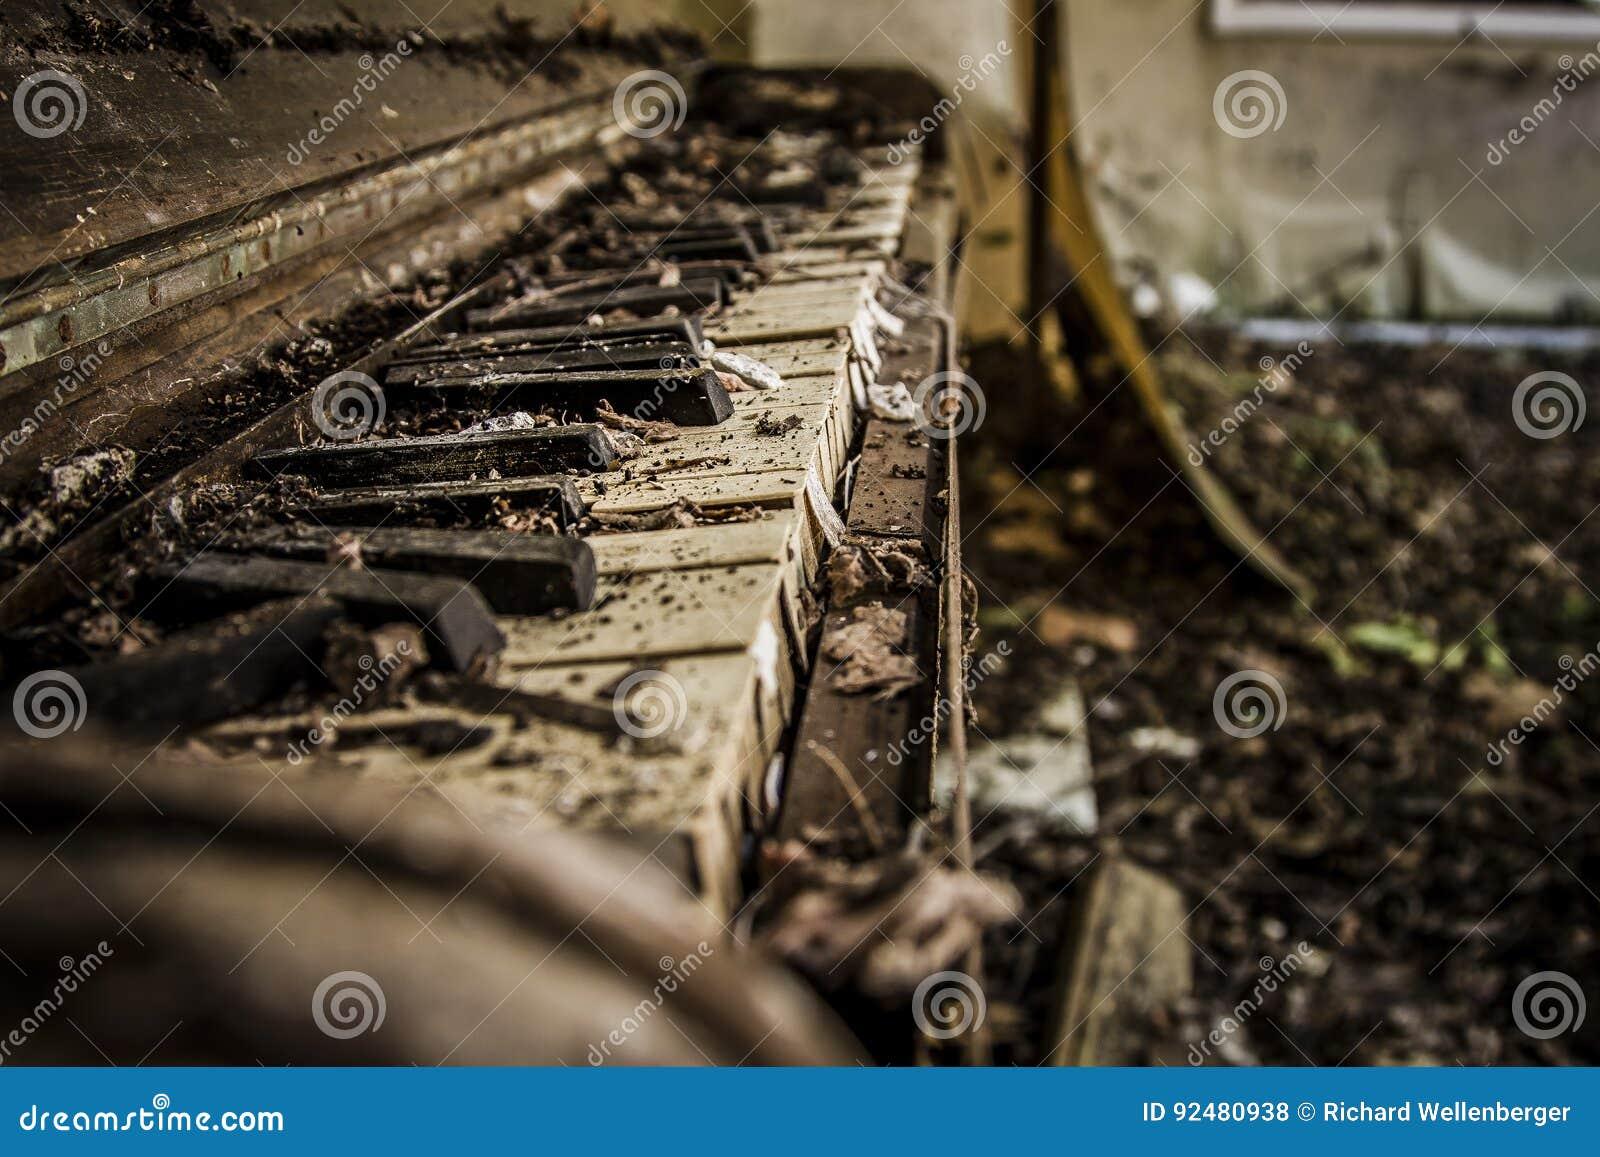 Piano abandonado velho esfarrapado